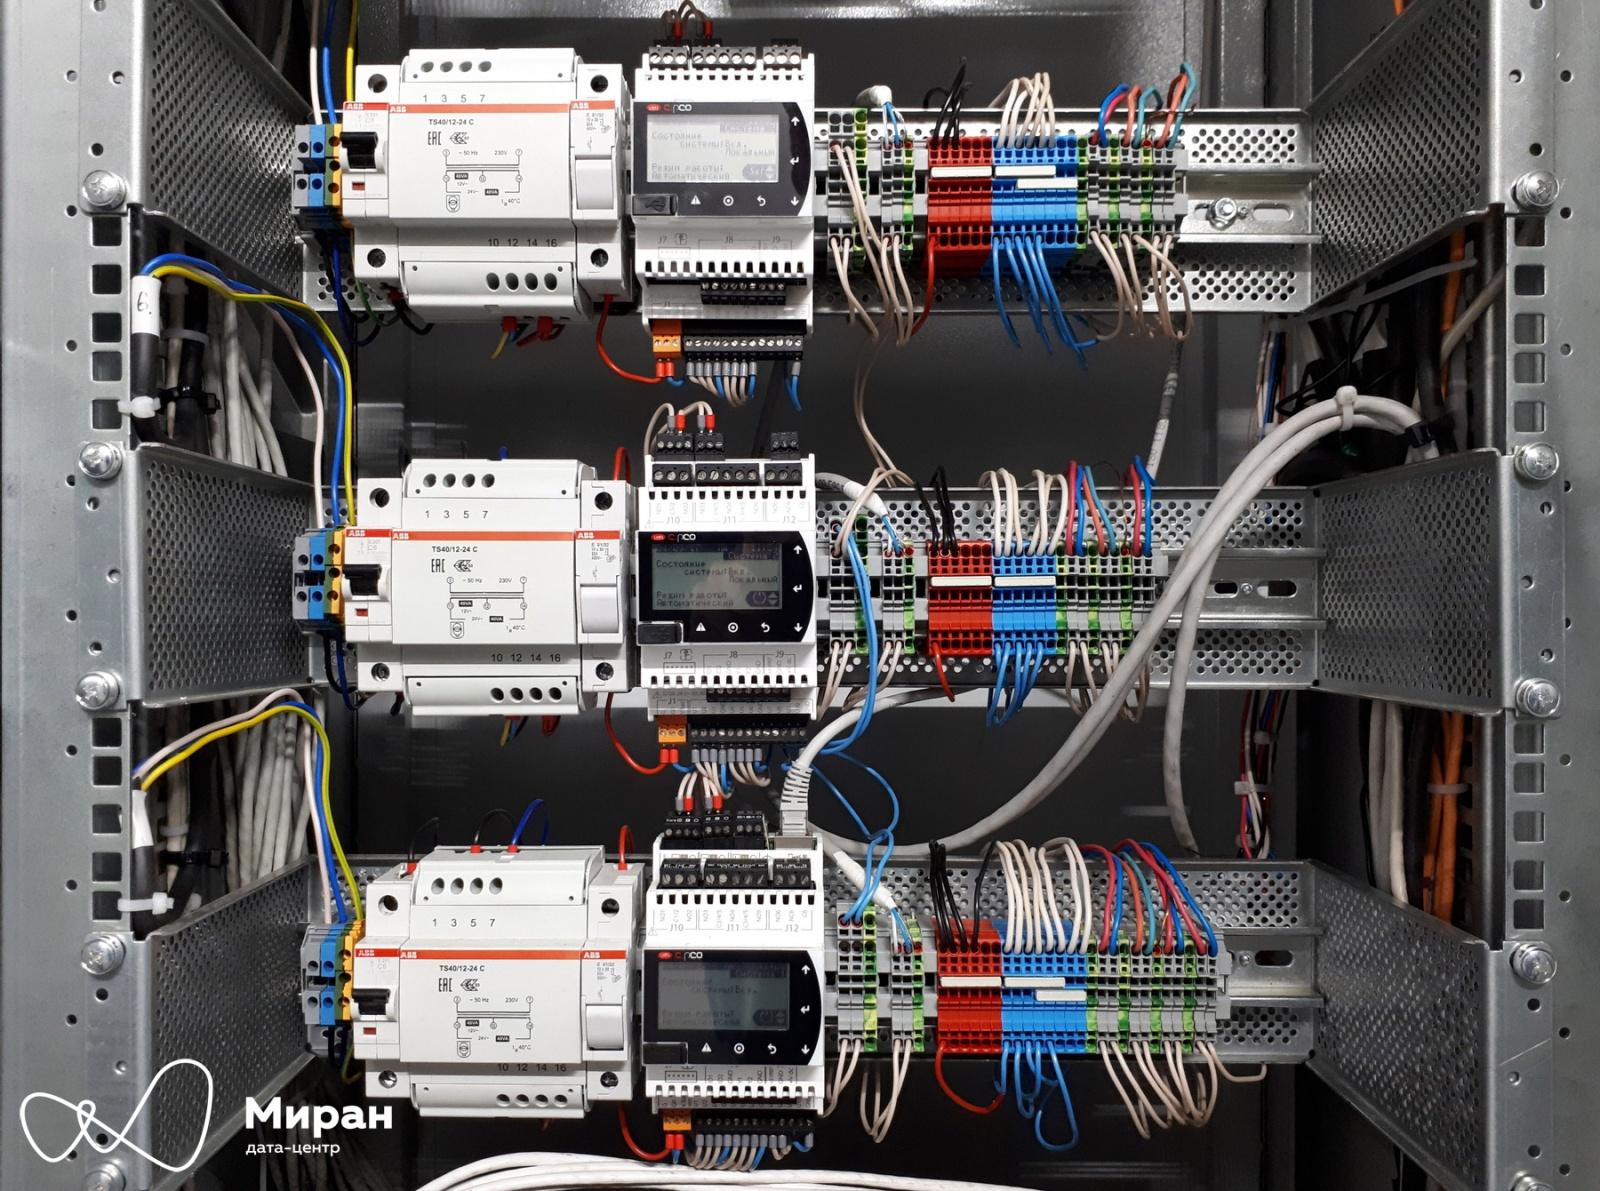 Инженерные системы наших дата-центров и их мониторинг, часть первая - 14